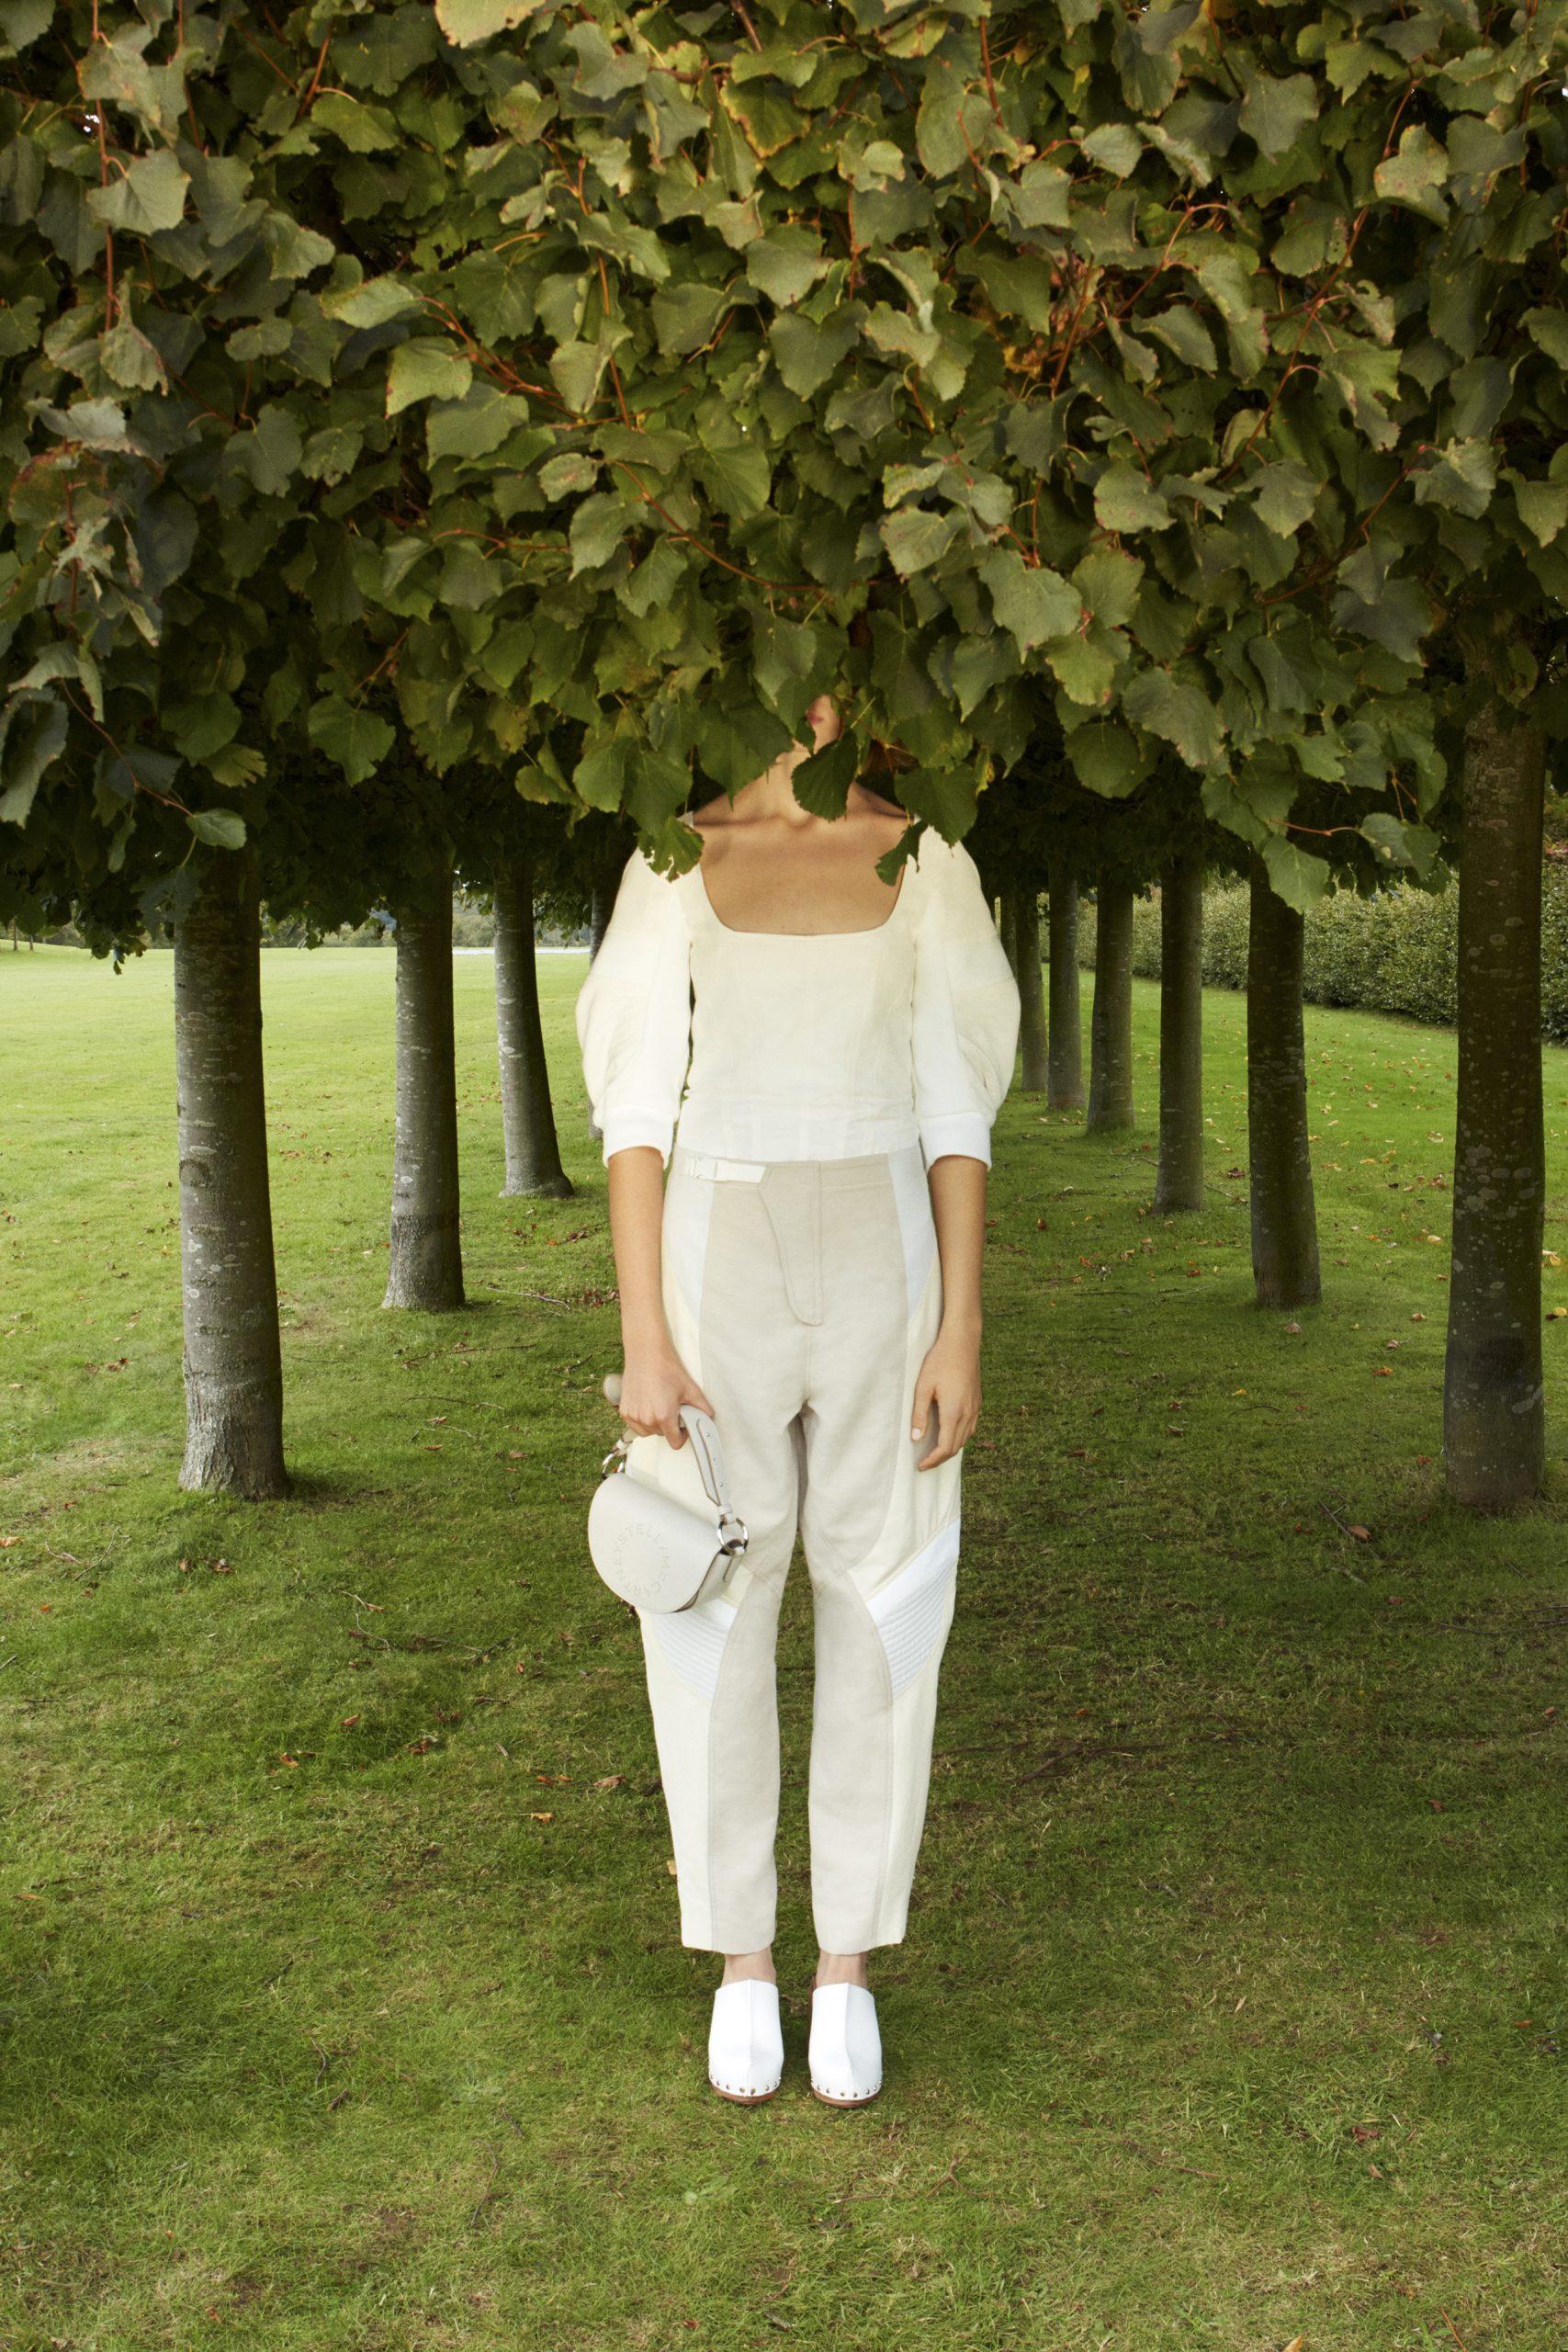 9. kép: Párizsi divathét - 2021-es tavaszi-nyári ready to wear kollekció - Stella McCartney